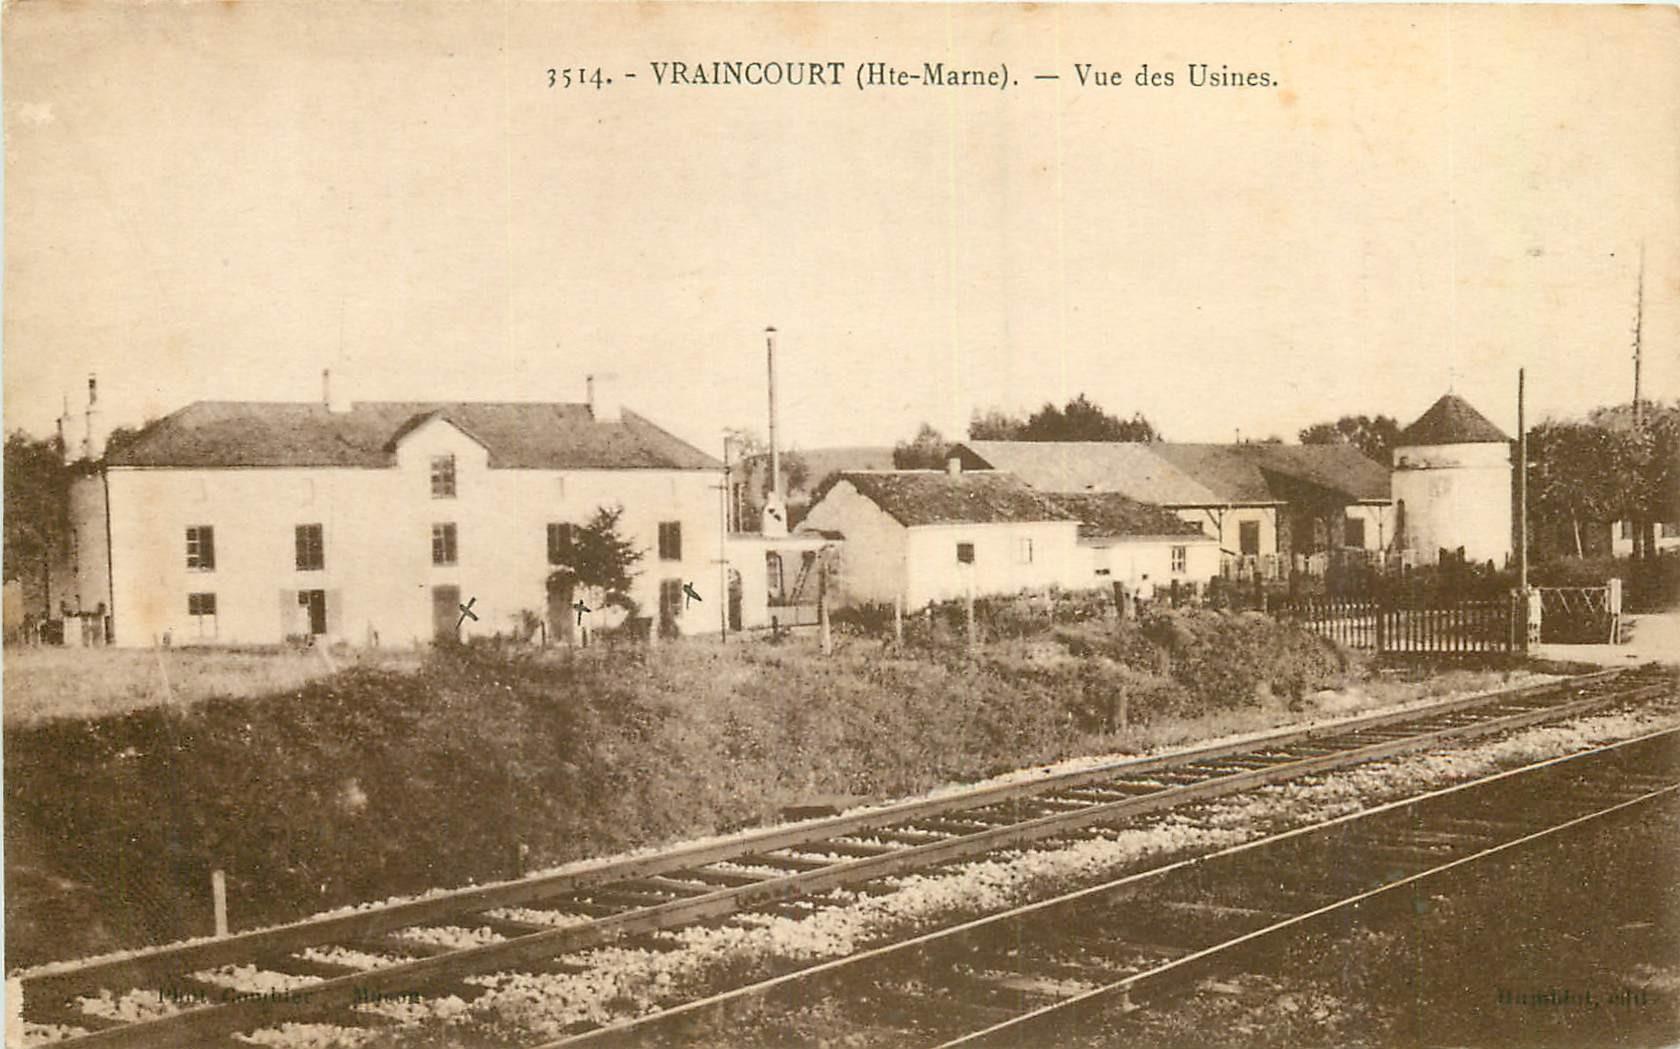 WW 52 VRAINCOURT. Vue des Usines à partir du chemin de fer